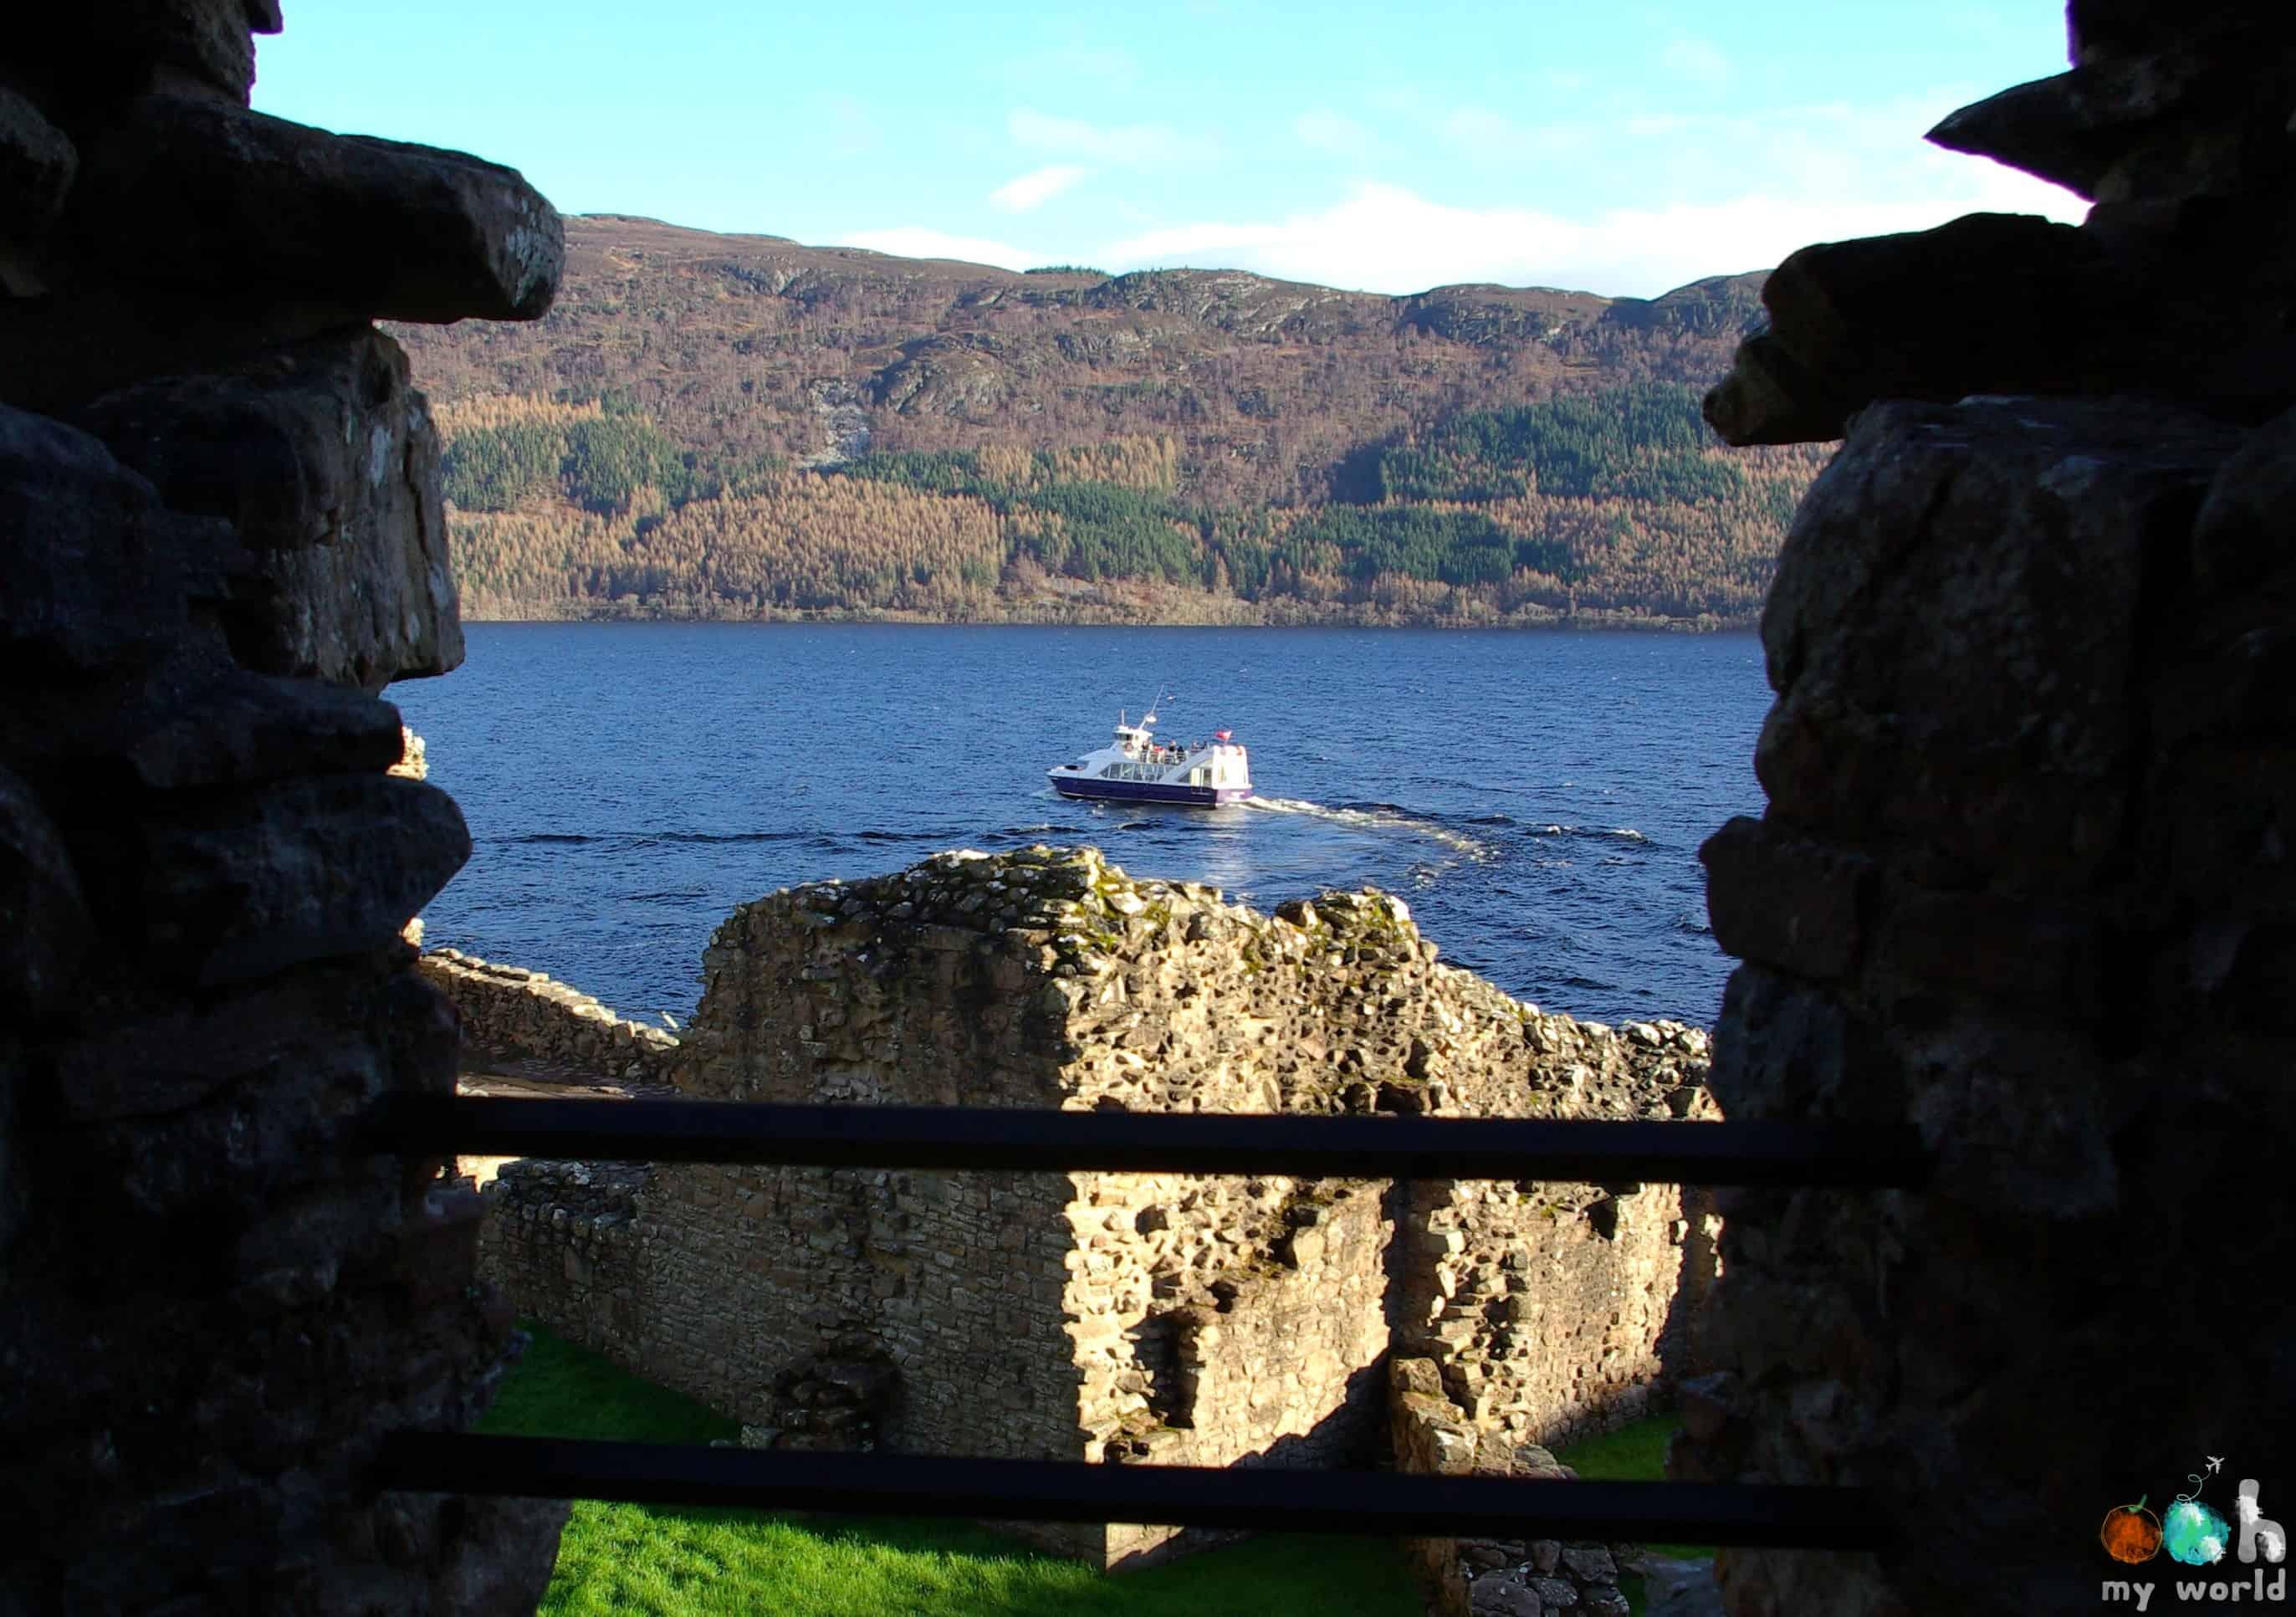 Bateau de croisière sur le Loch Ness vu depuis le château de Urquhart